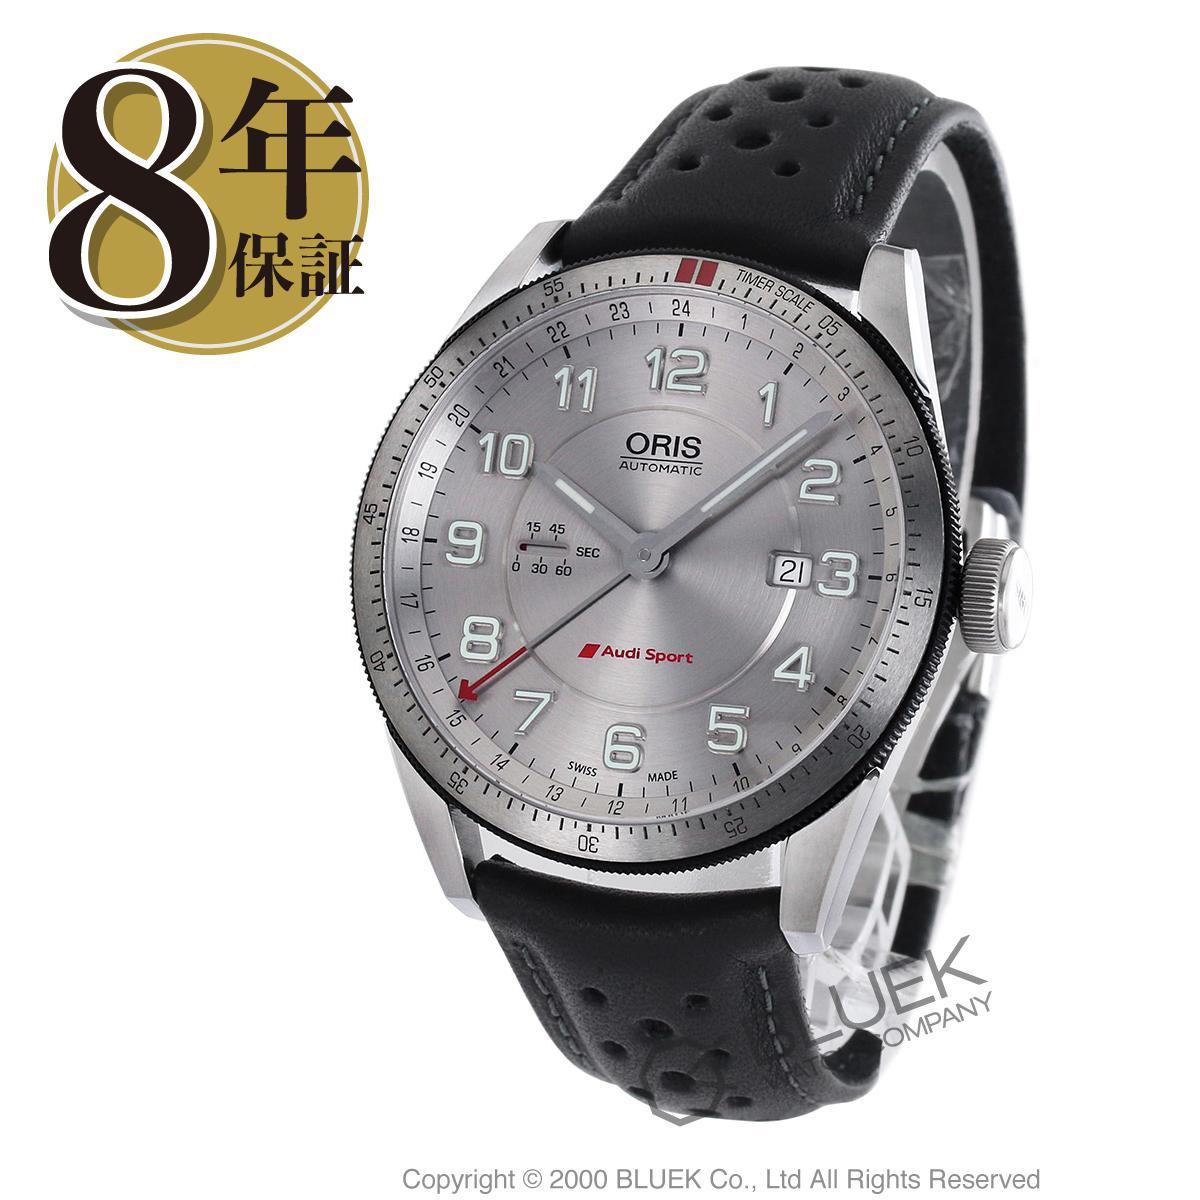 オリス アーティックス GT GMT 腕時計 メンズ ORIS 747 7701 4461D_8